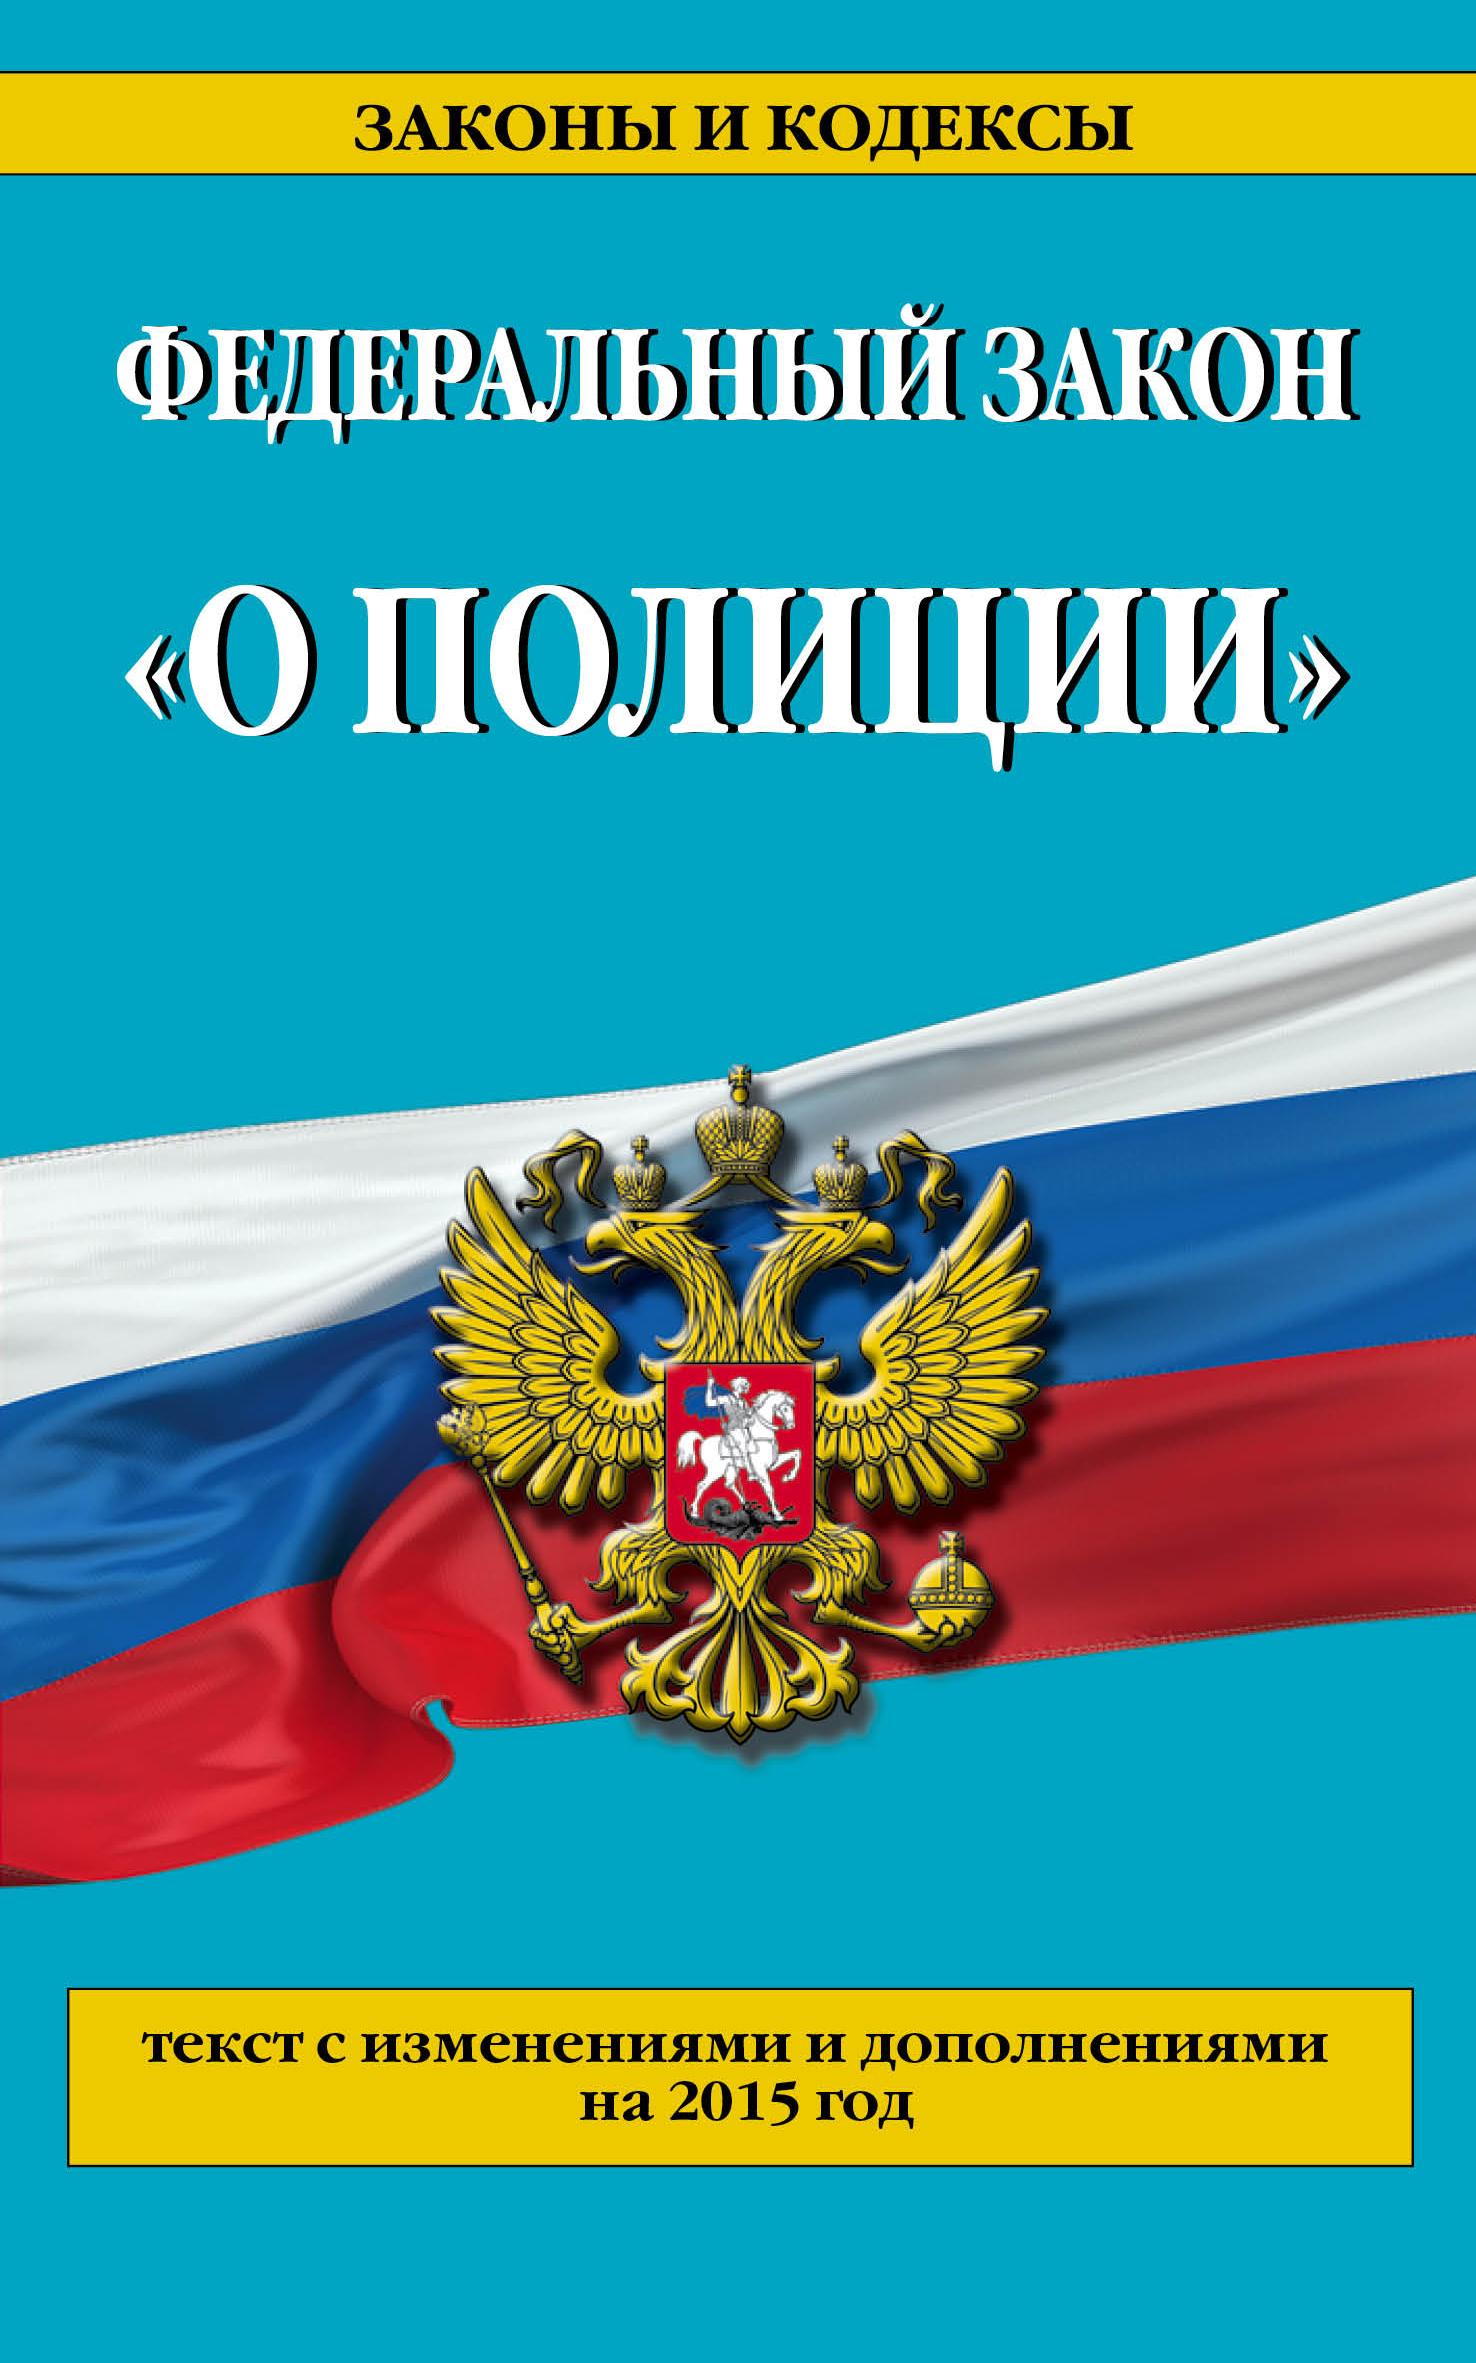 Новый закон о гармонизации межнациональных отношений нижегородская область